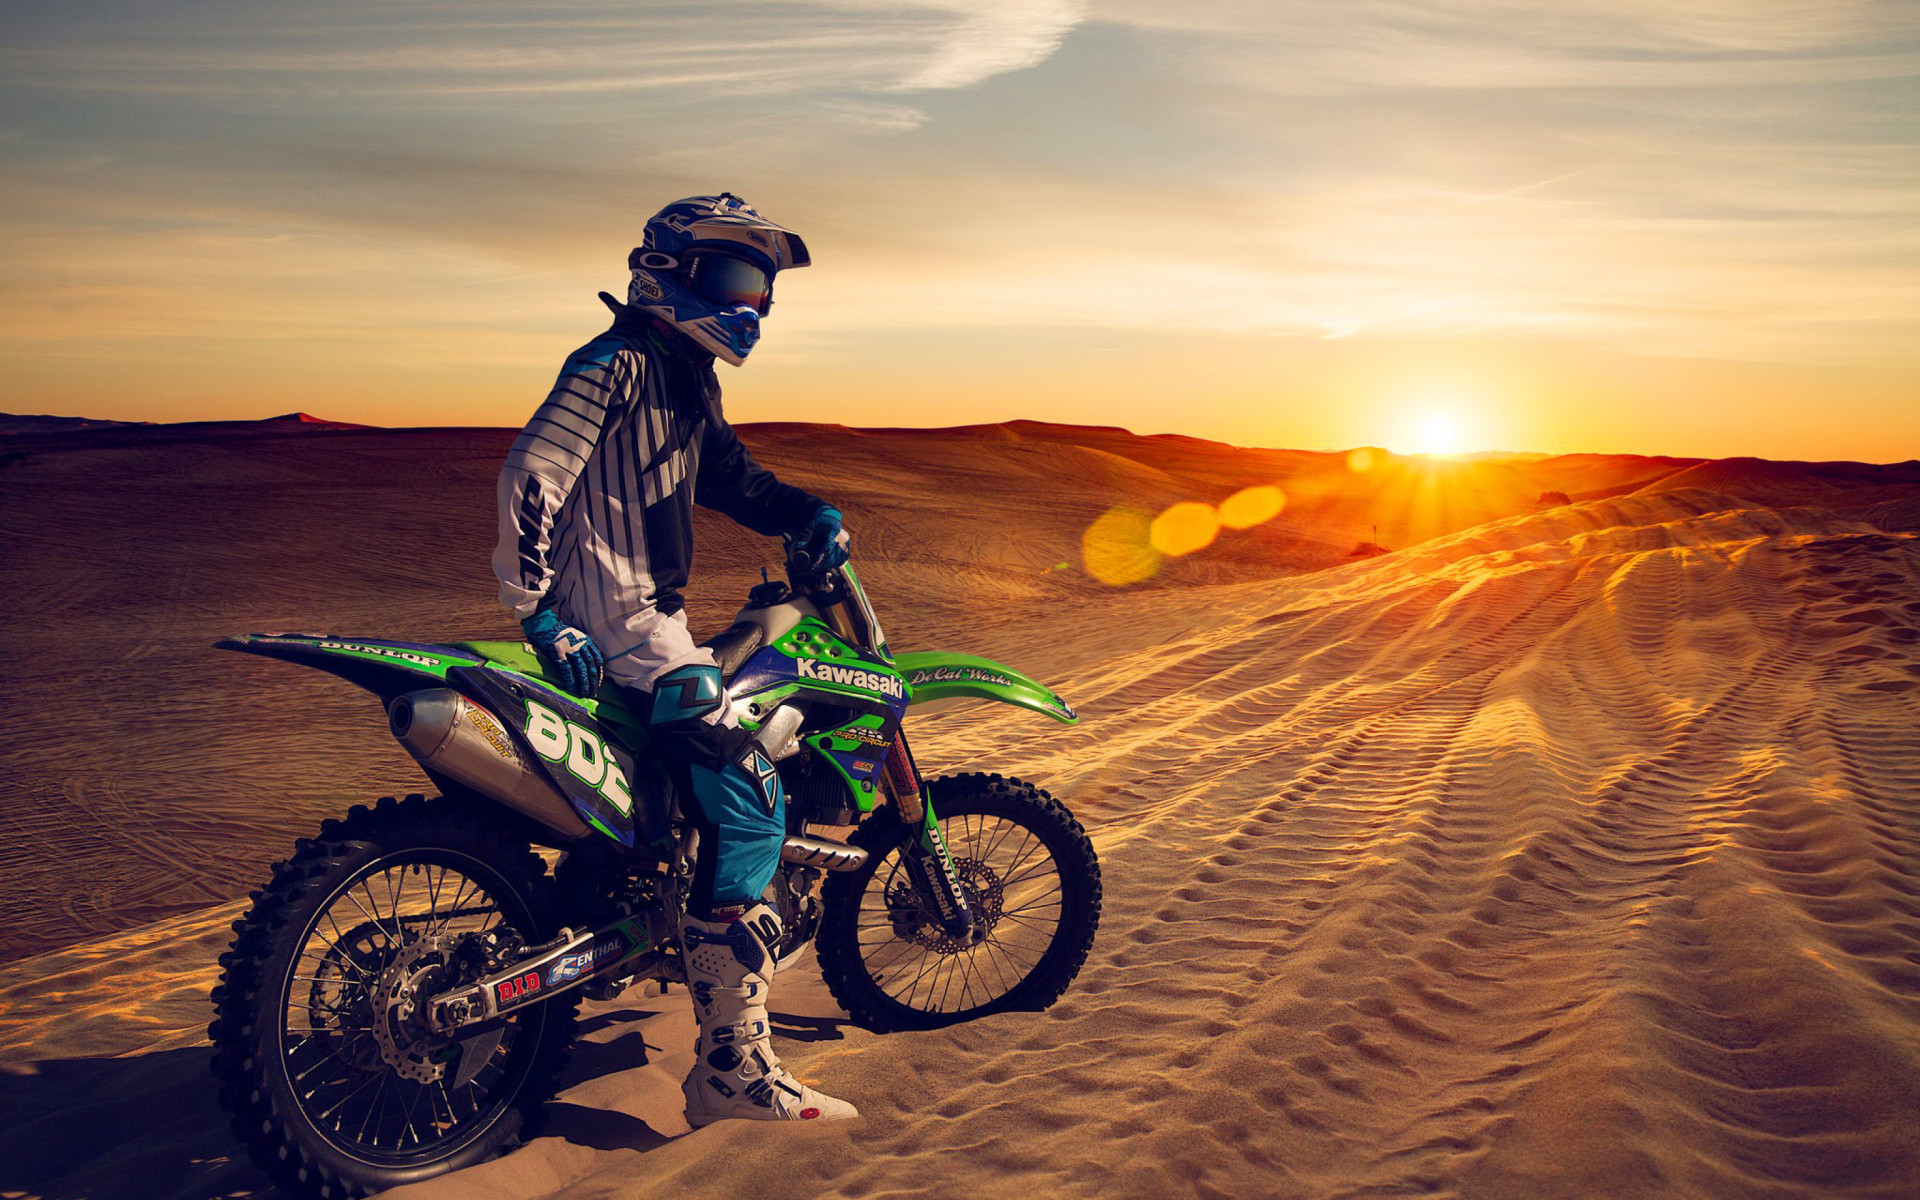 UAE Desert Motocross Wallpaper for Widescreen Desktop PC 1920×1080 .